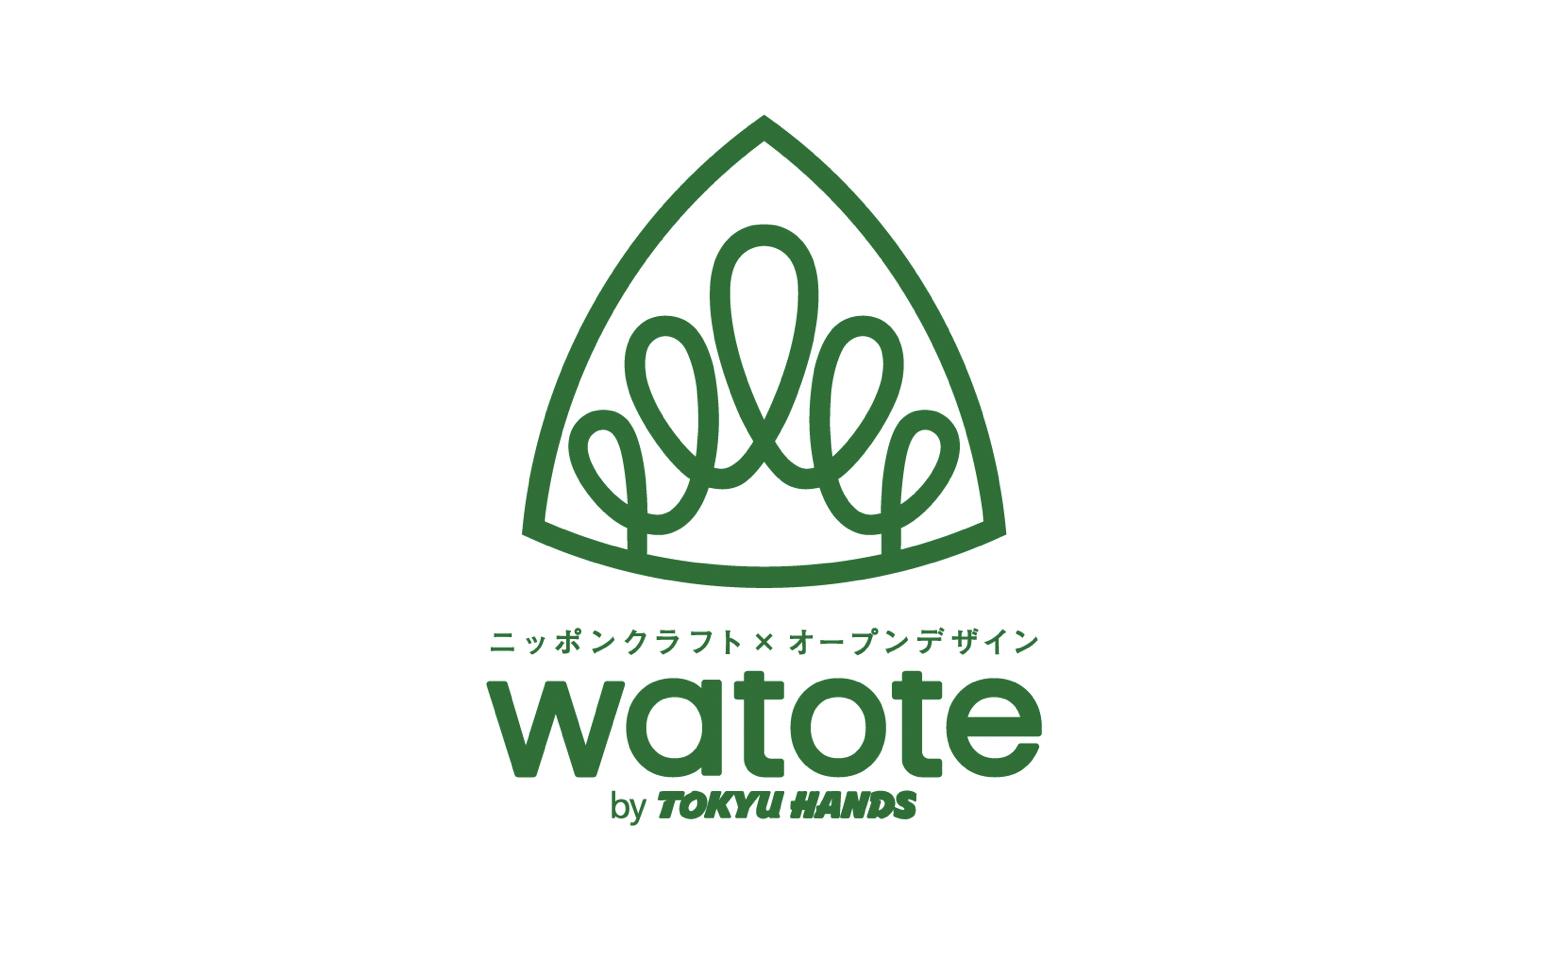 東急ハンズ×TRINUS|ものづくり共創プラットフォーム「watote」本格始動